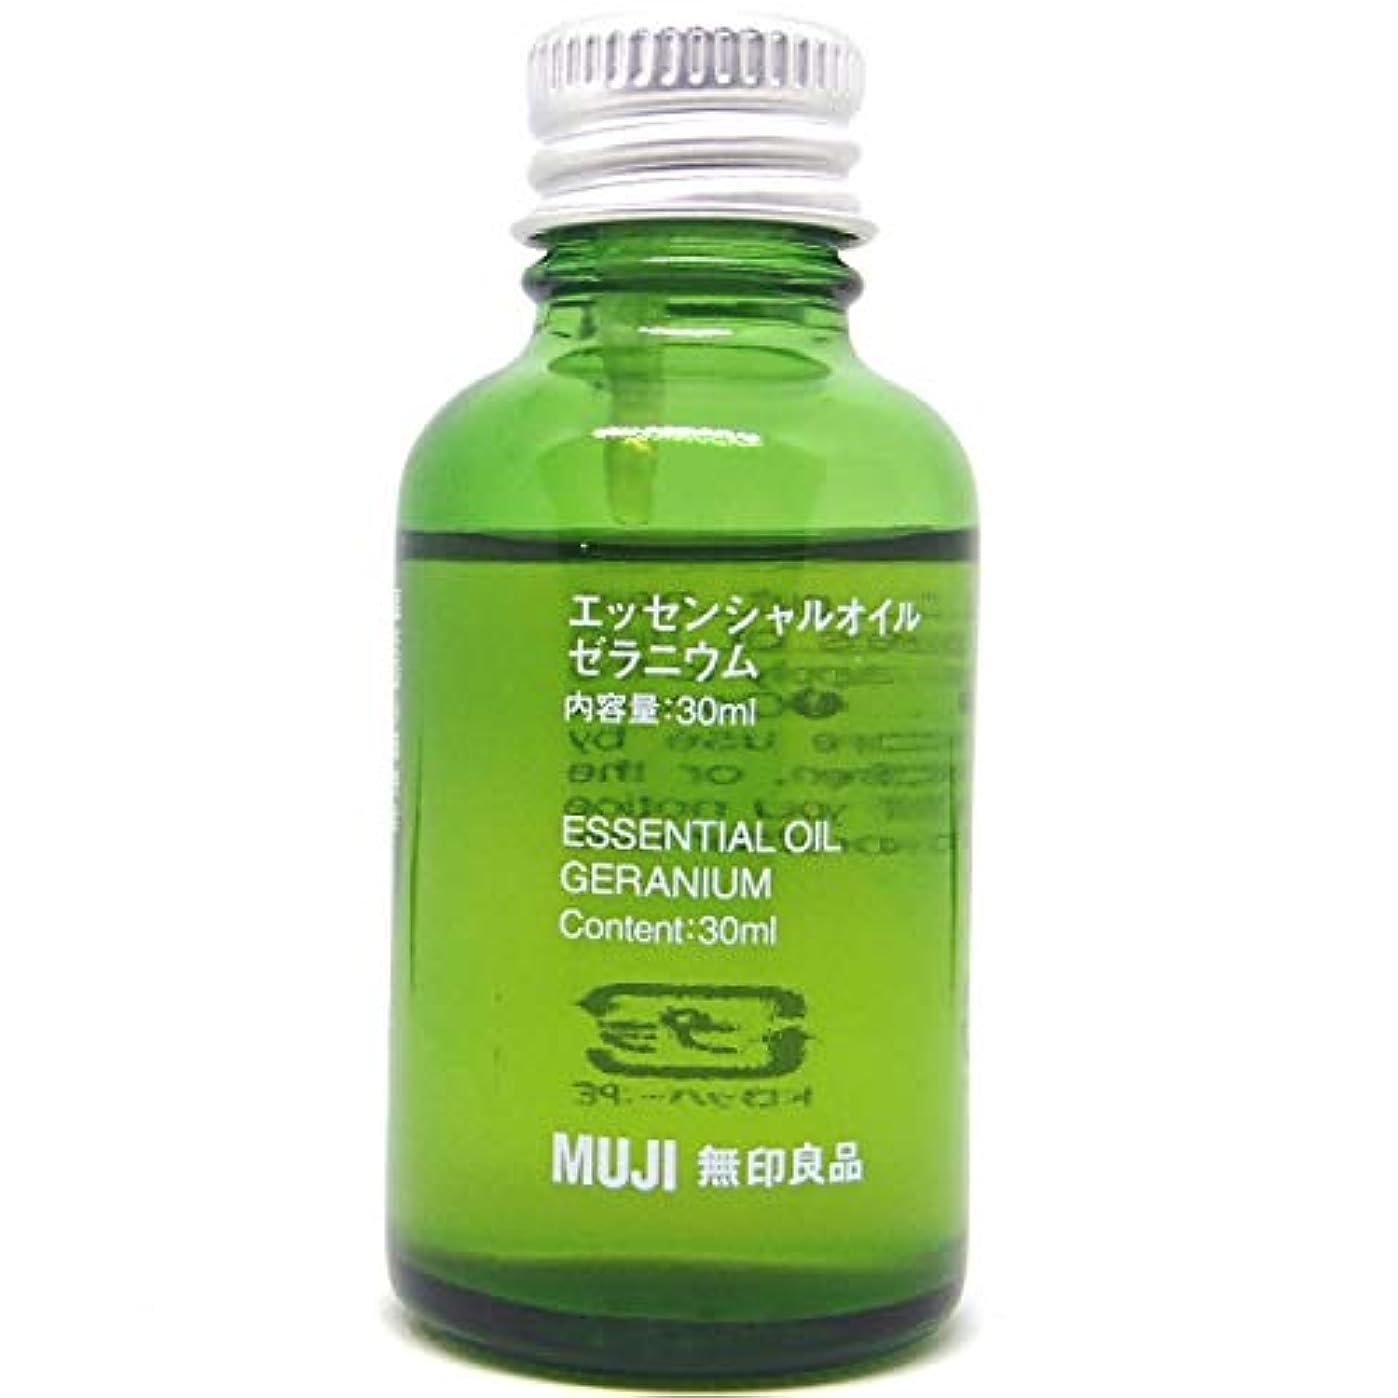 枝筋財政【無印良品】エッセンシャルオイル30ml(ゼラニウム)